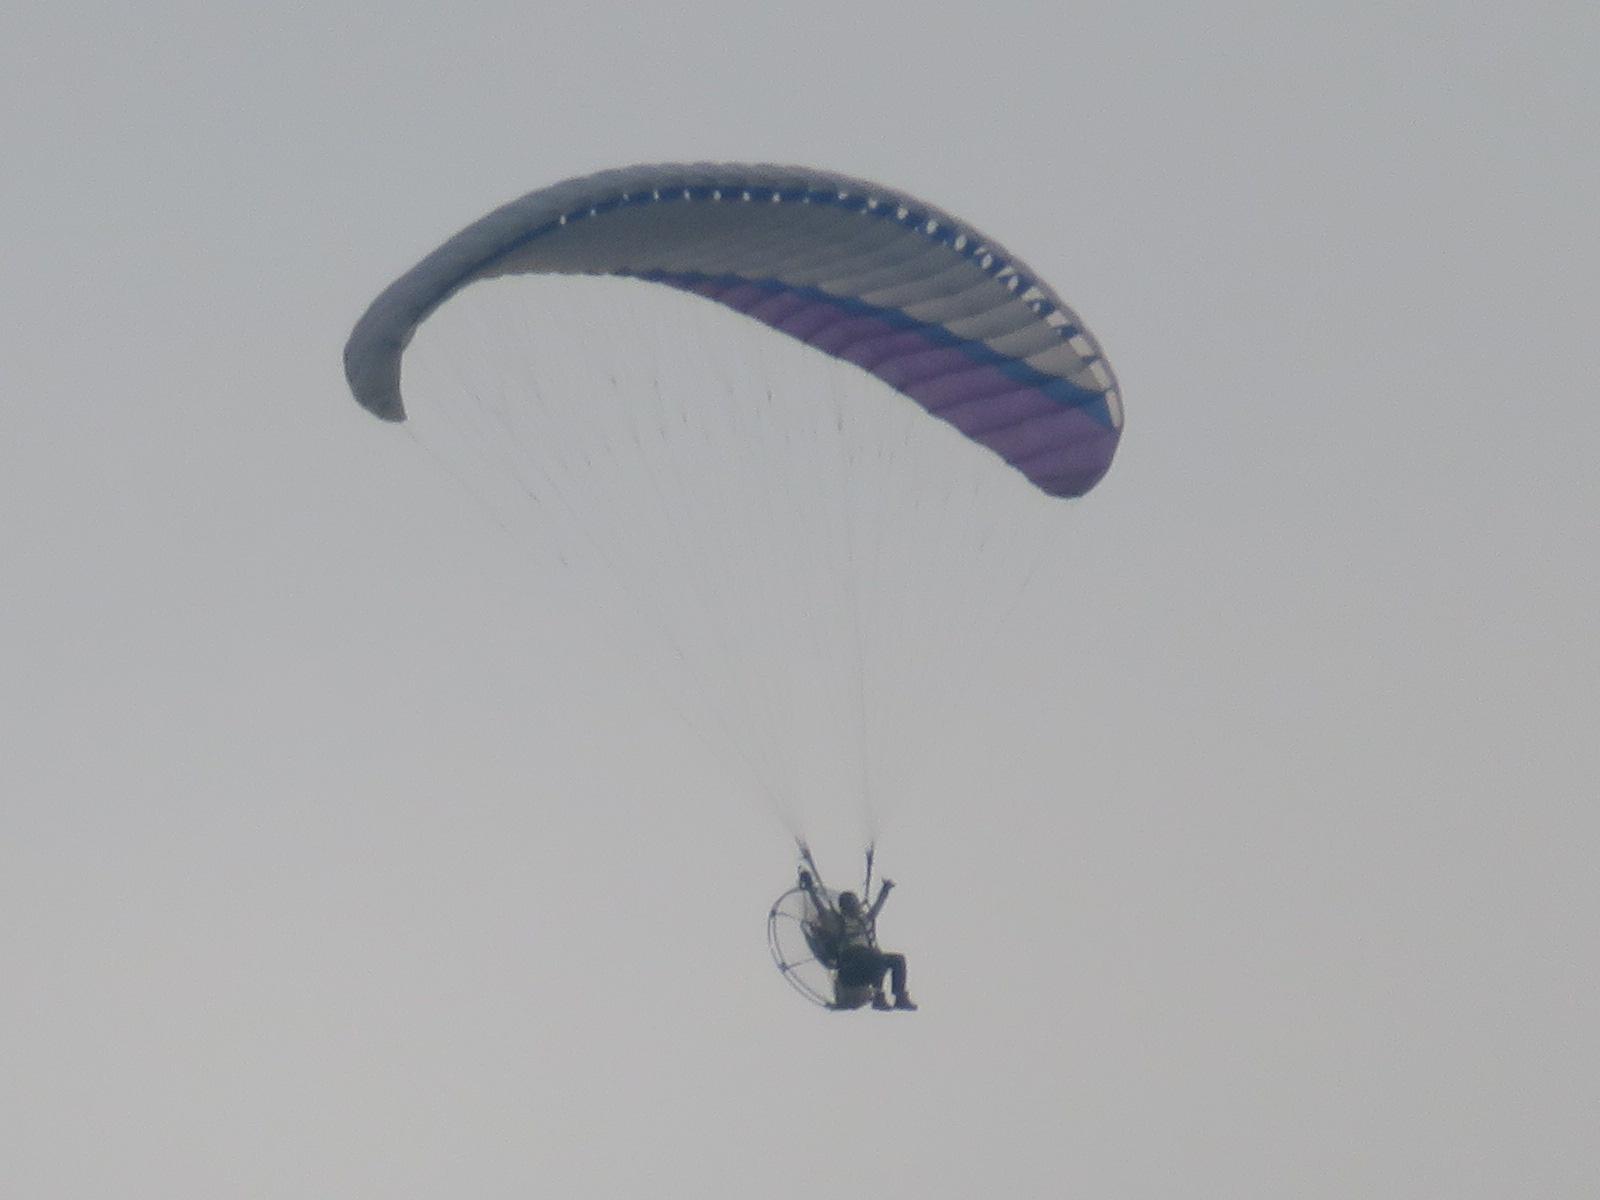 20160917_paraglider.jpg